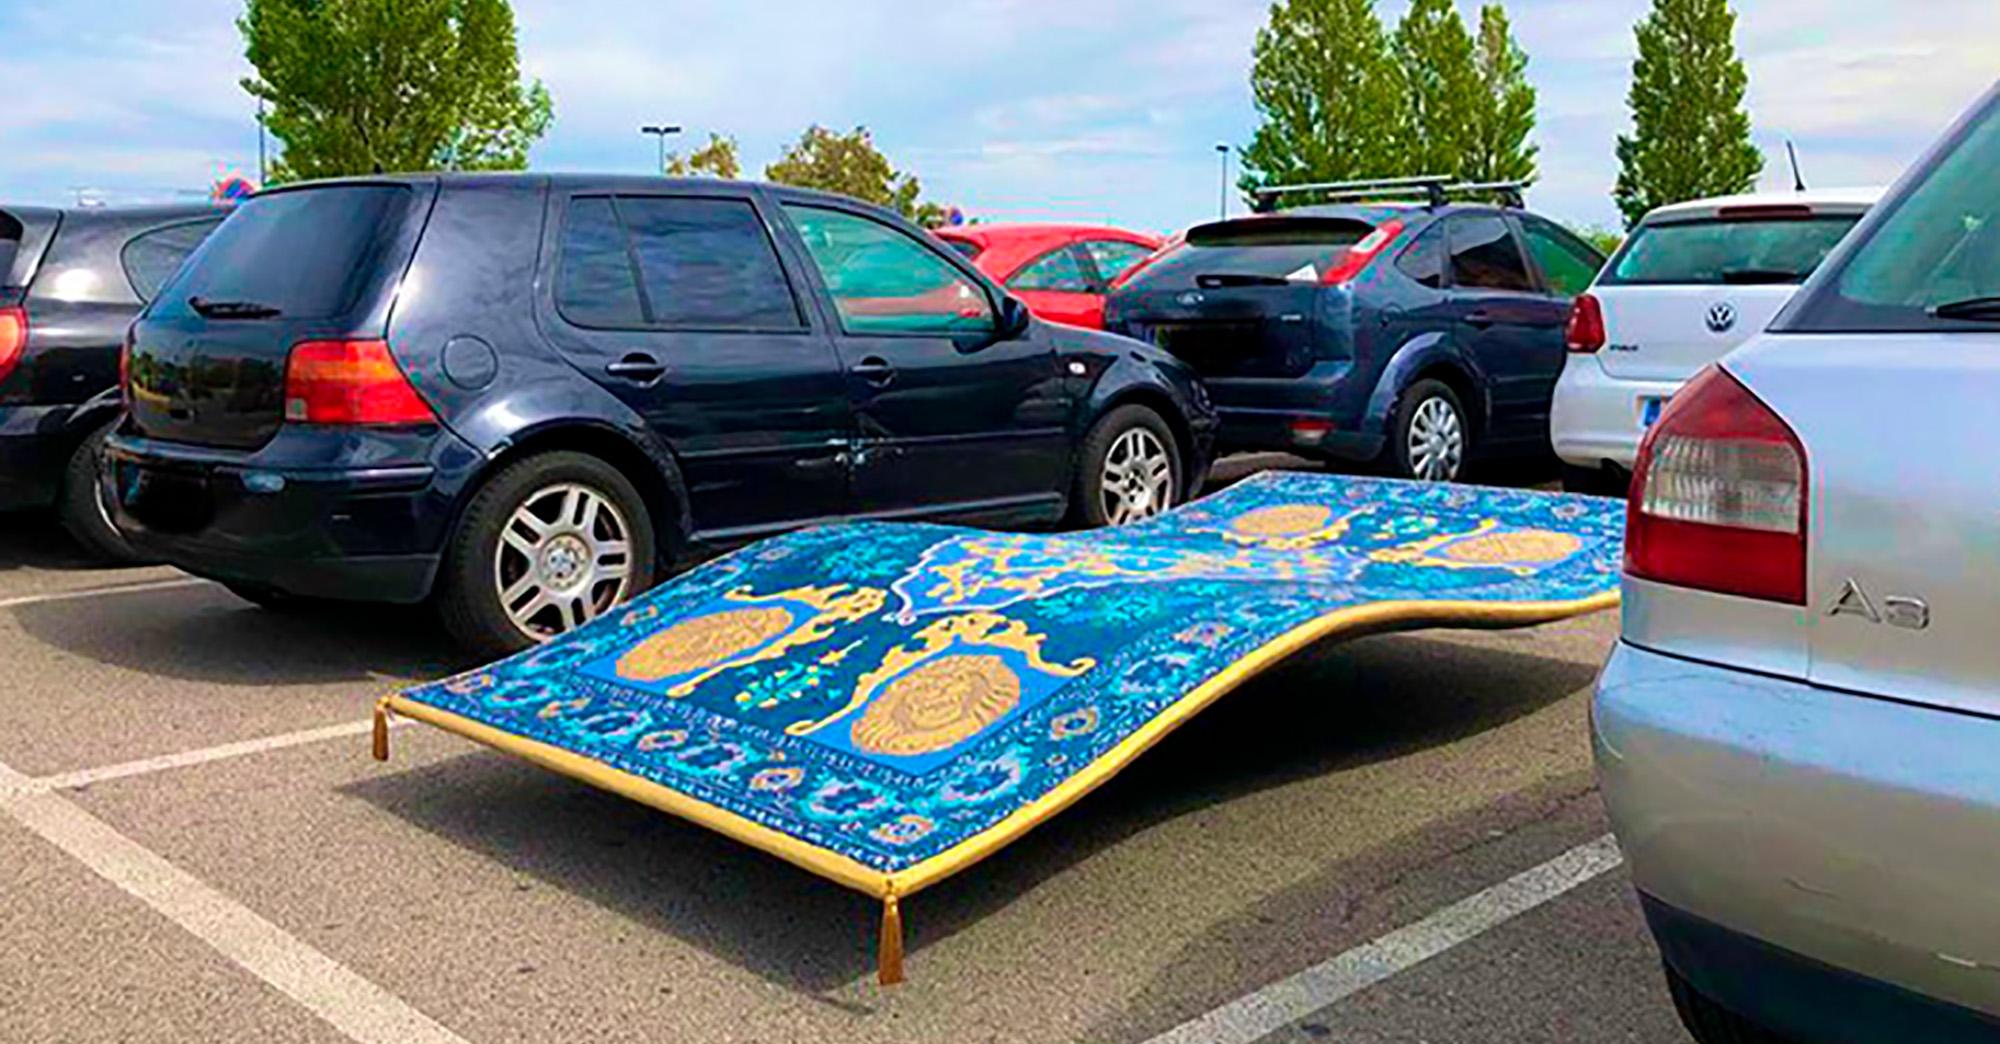 un tapis volant gare sur un parking en